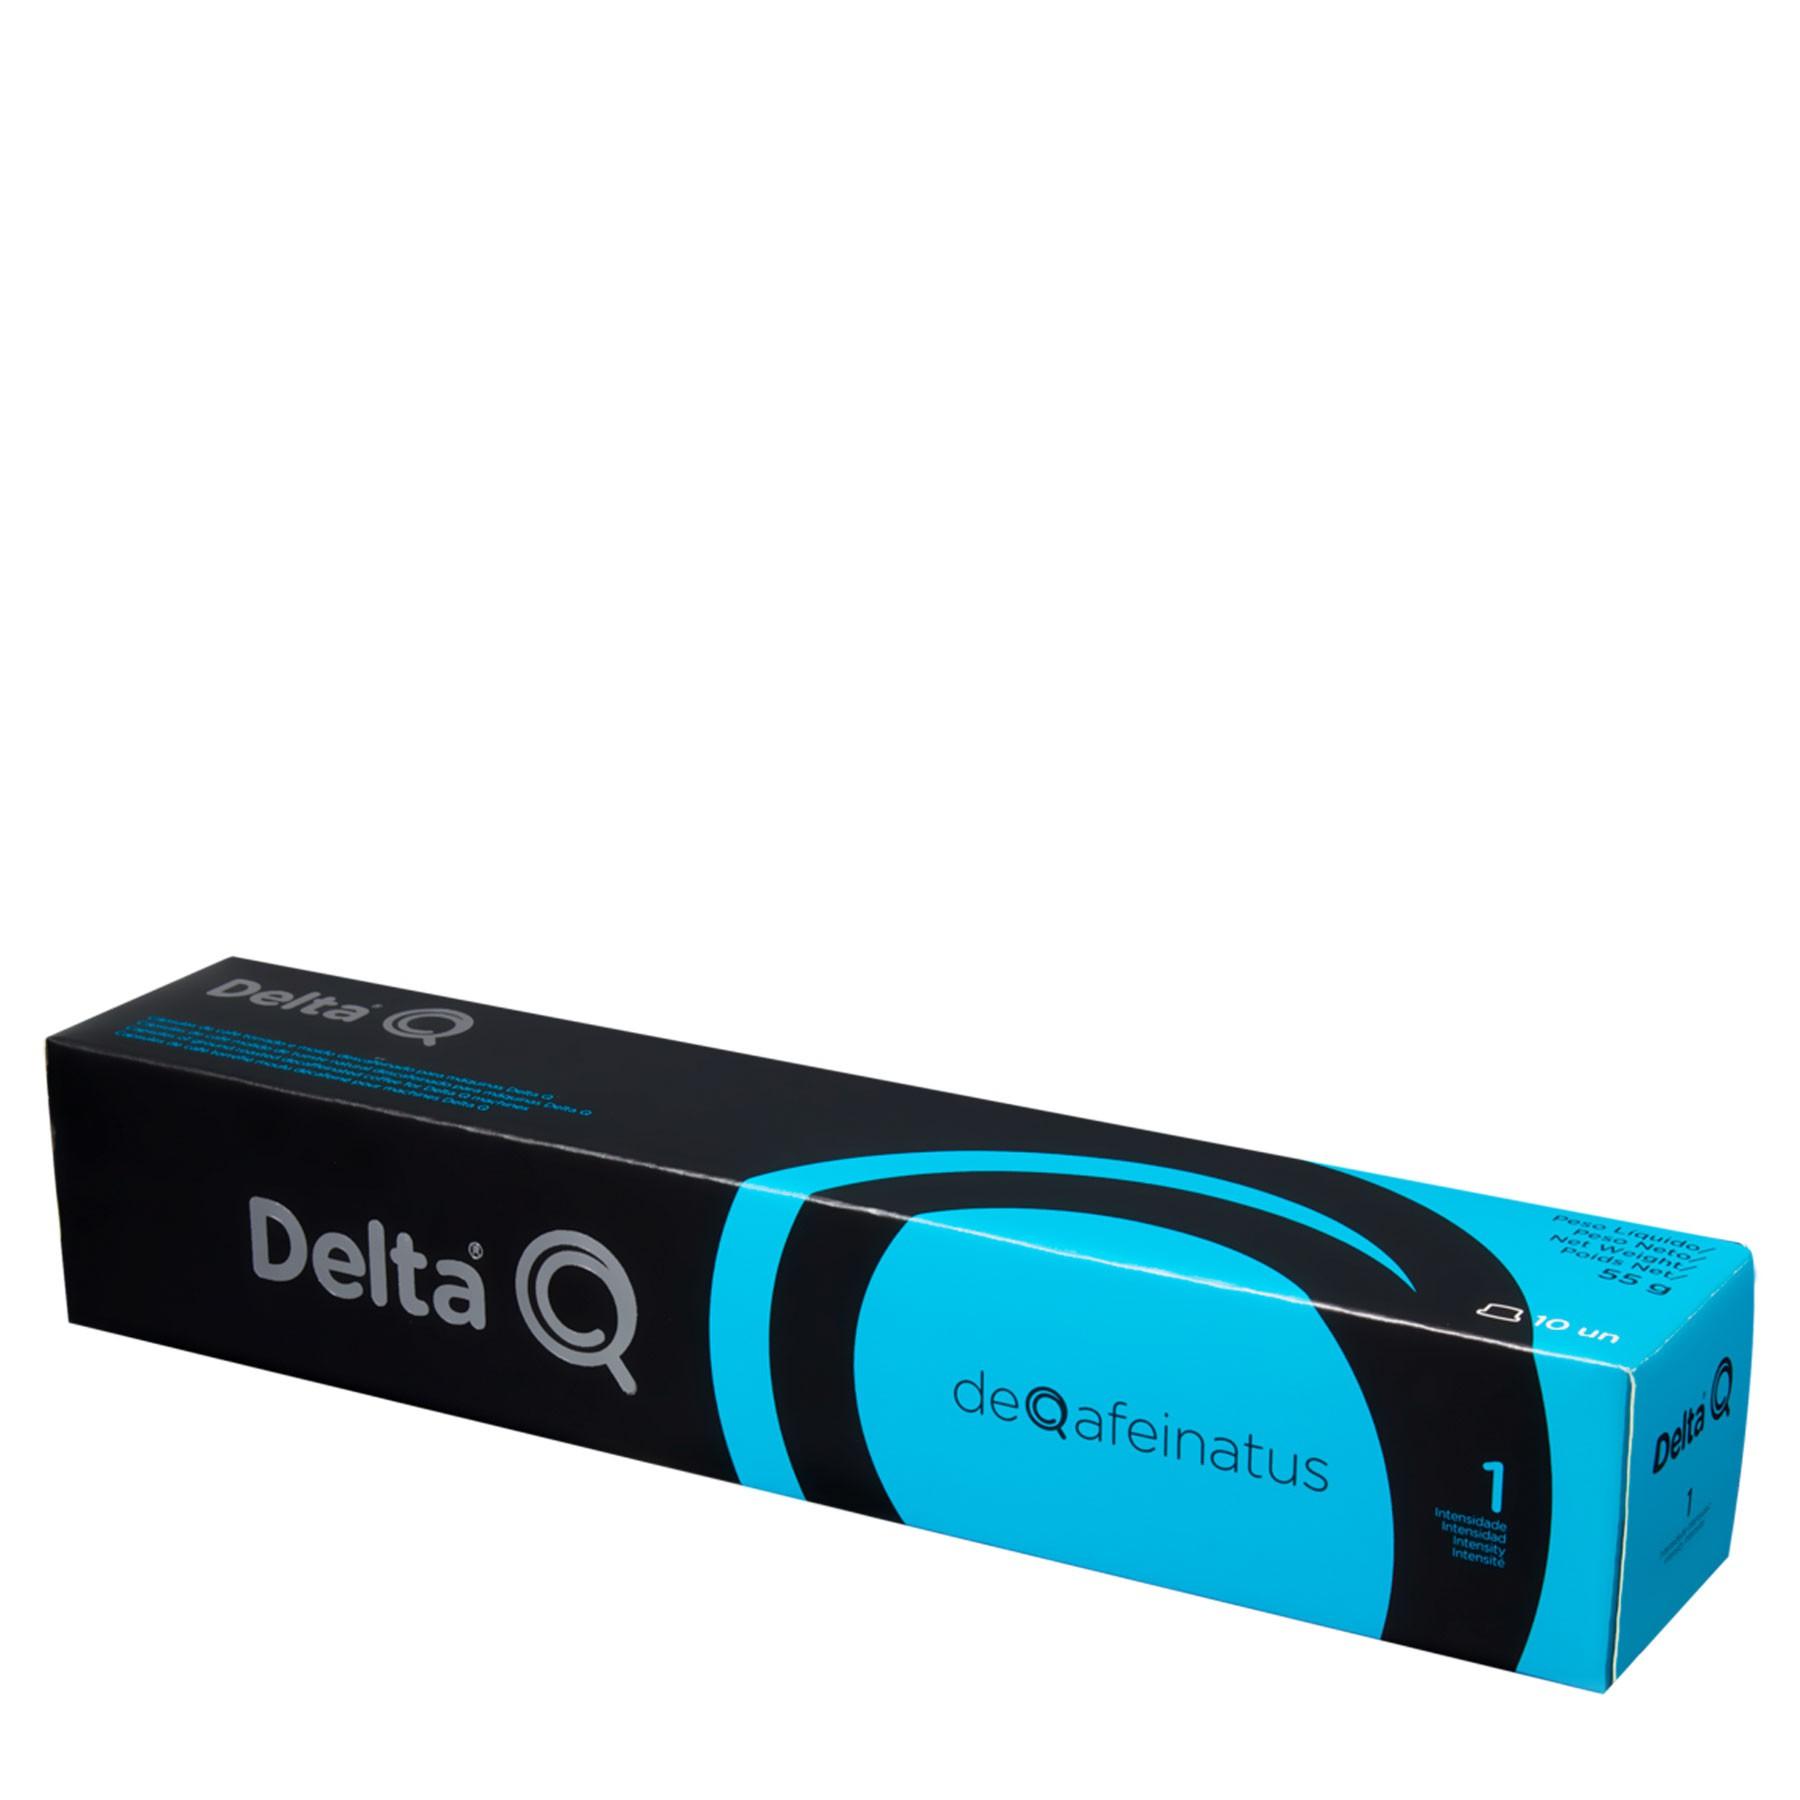 Cápsulas Delta Deqafeinatus (blister de 10 cápsulas)